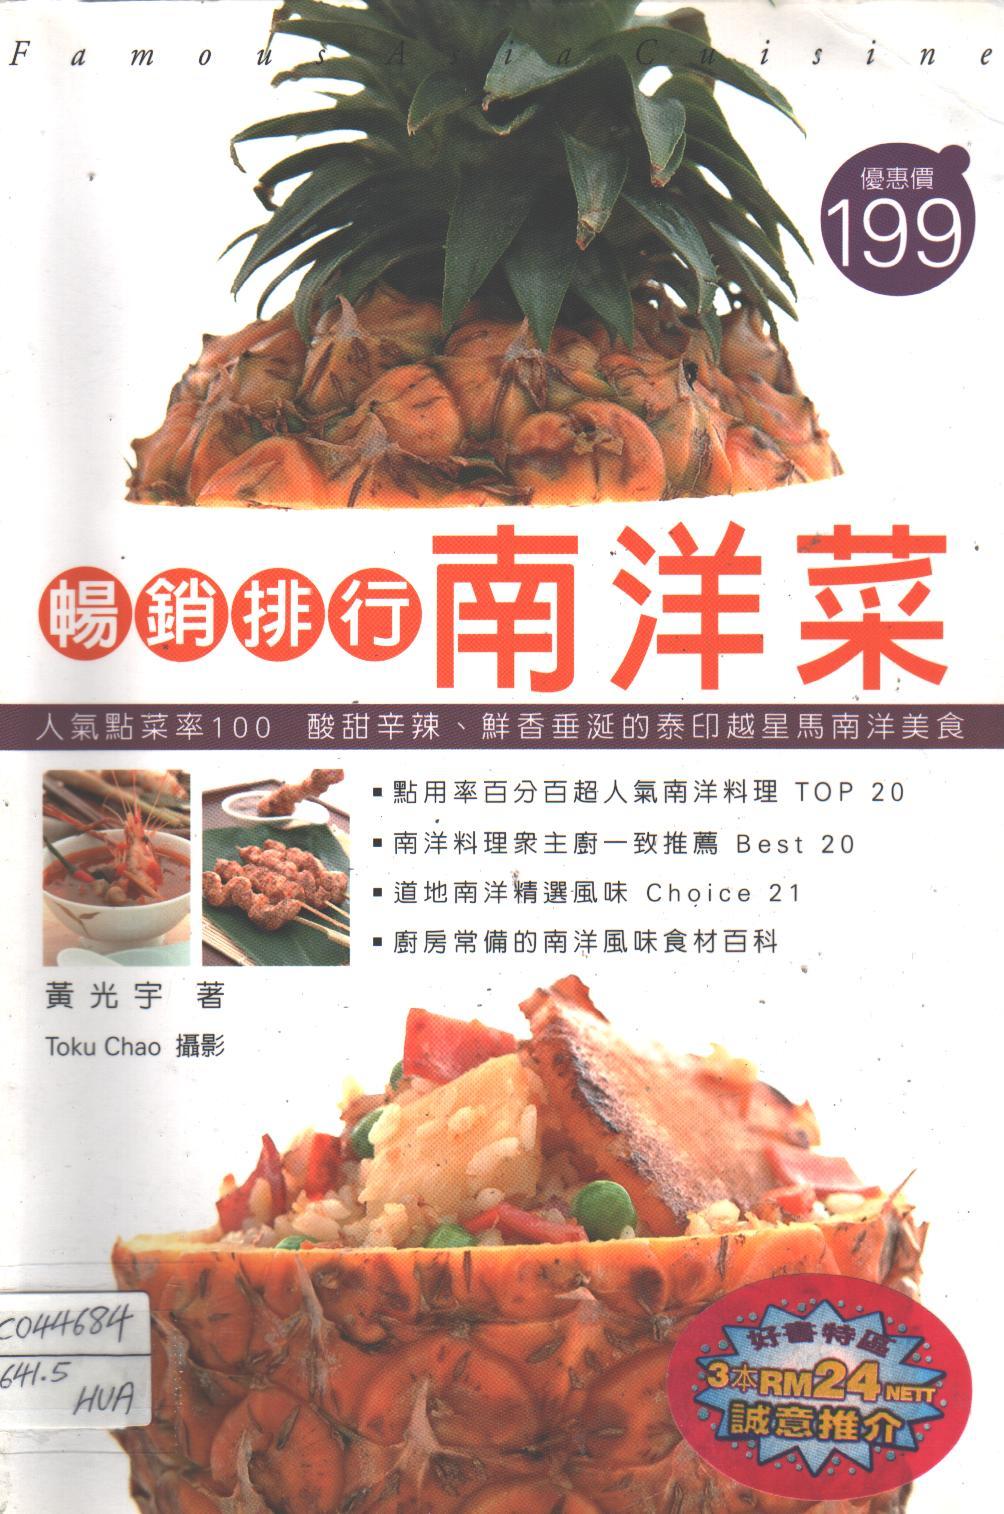 暢銷排行南洋菜